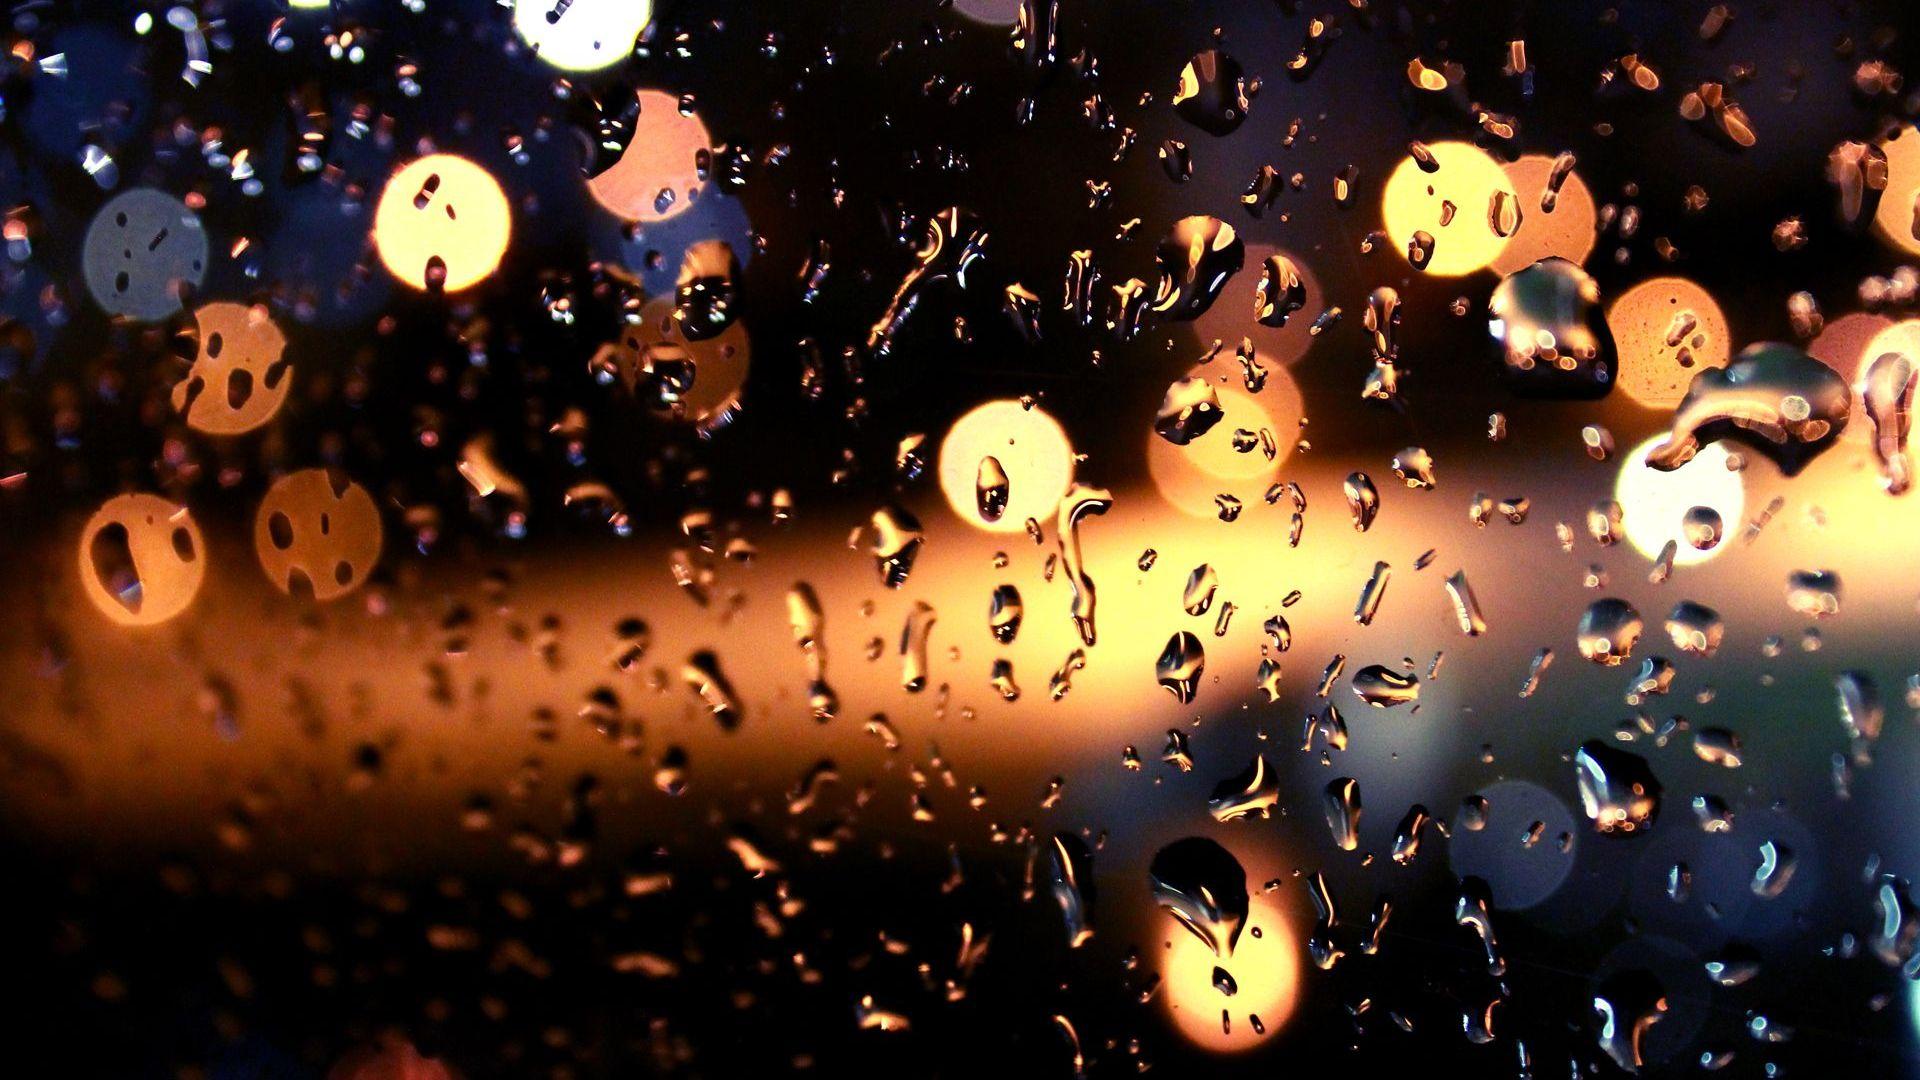 Raindrops Wallpaper for Windows 7 - WallpaperSafari